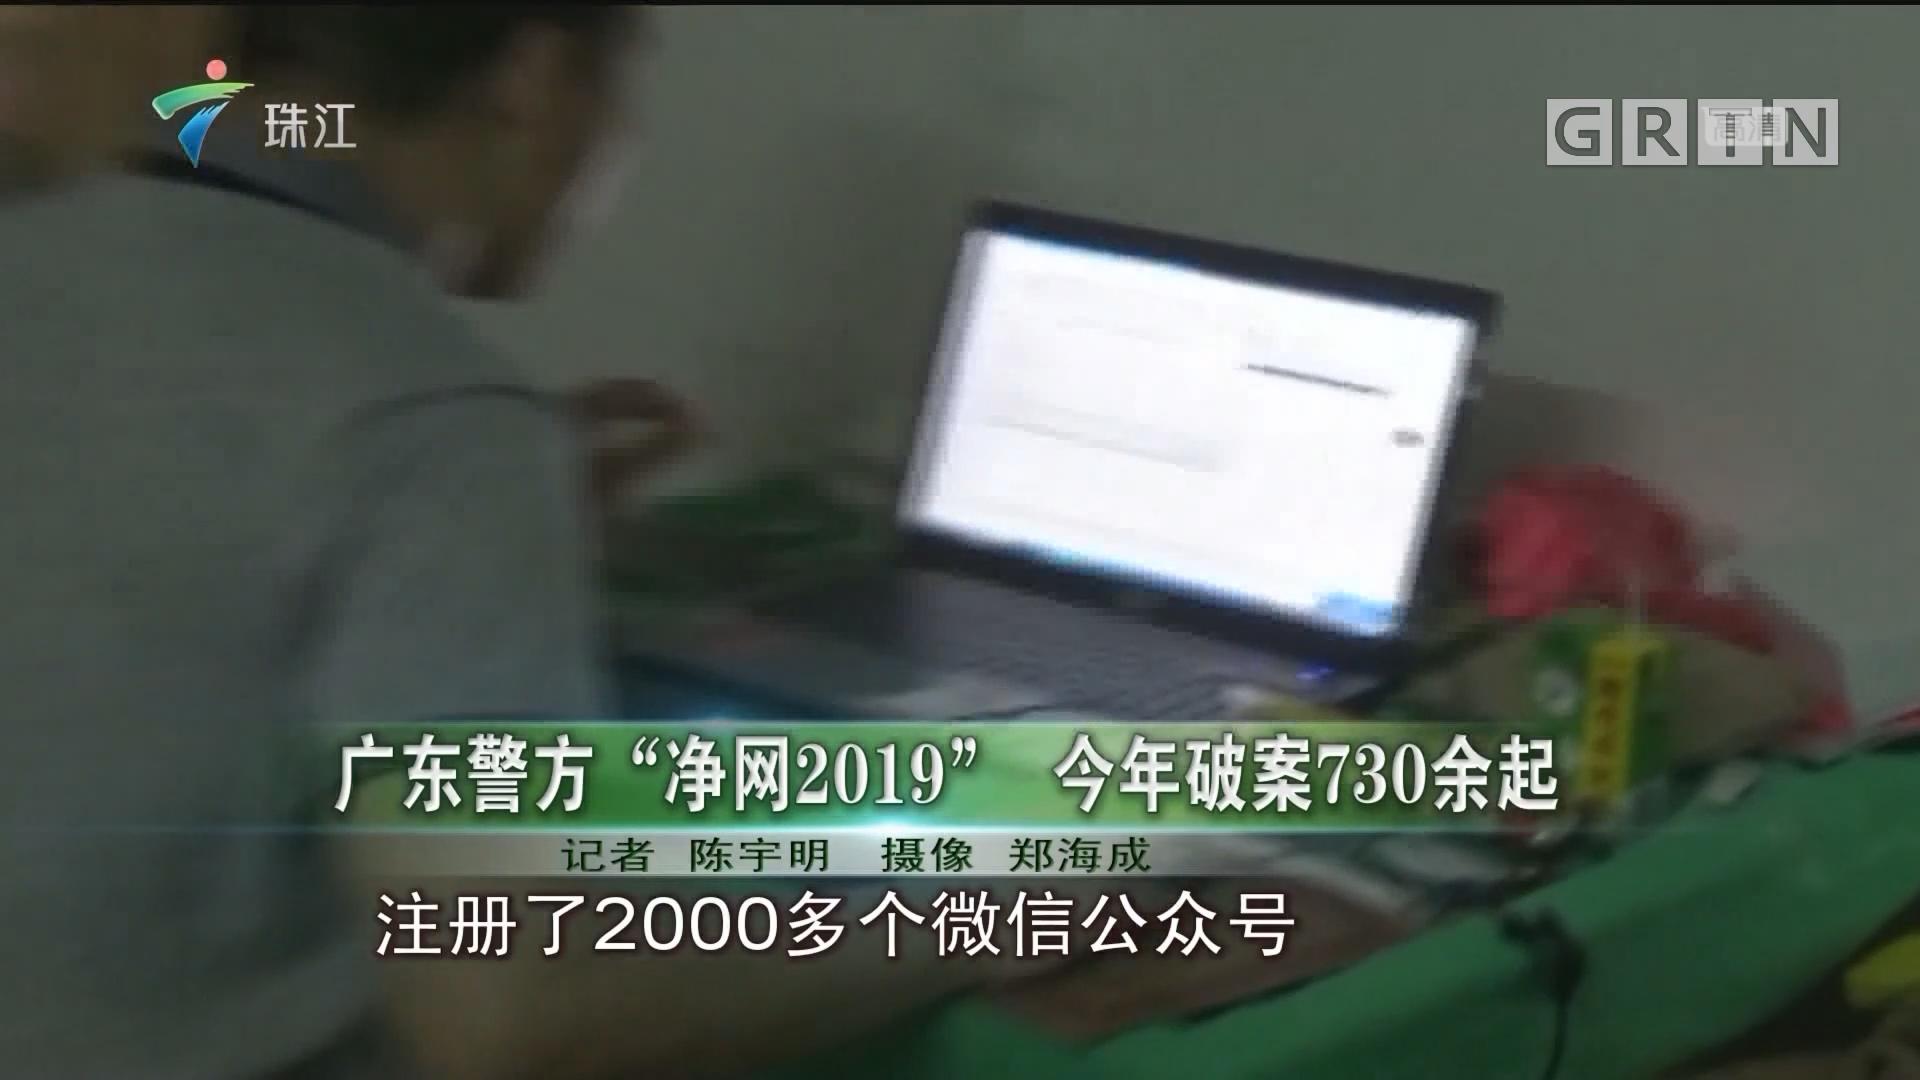 """广东警方""""净网2019"""" 今年破案730余起"""